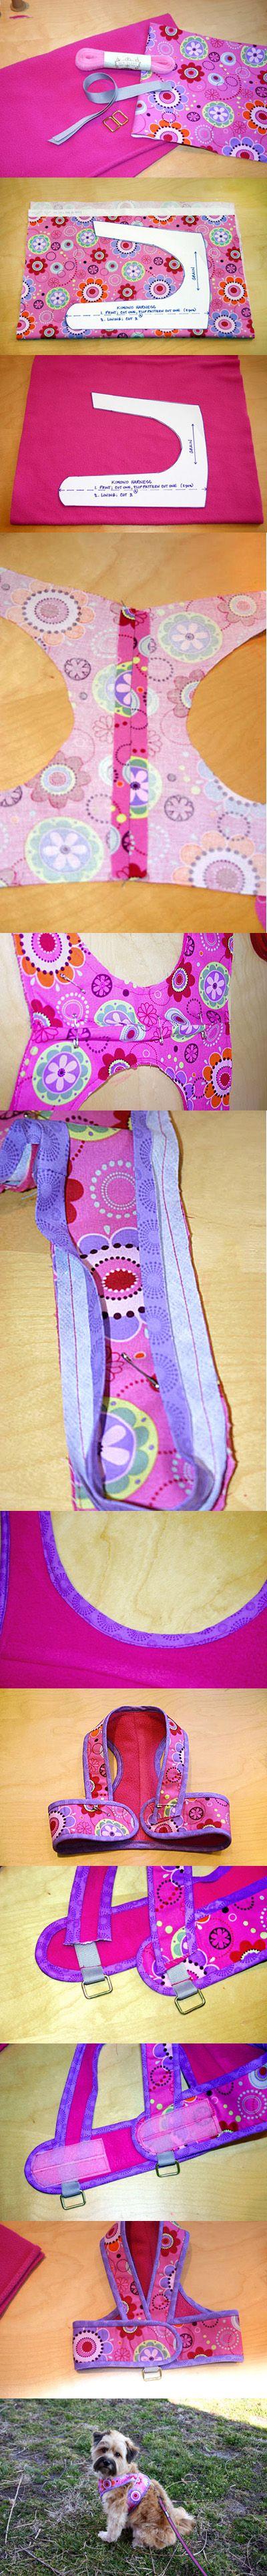 Coleira peitoral de tecido. Lindo e confortável